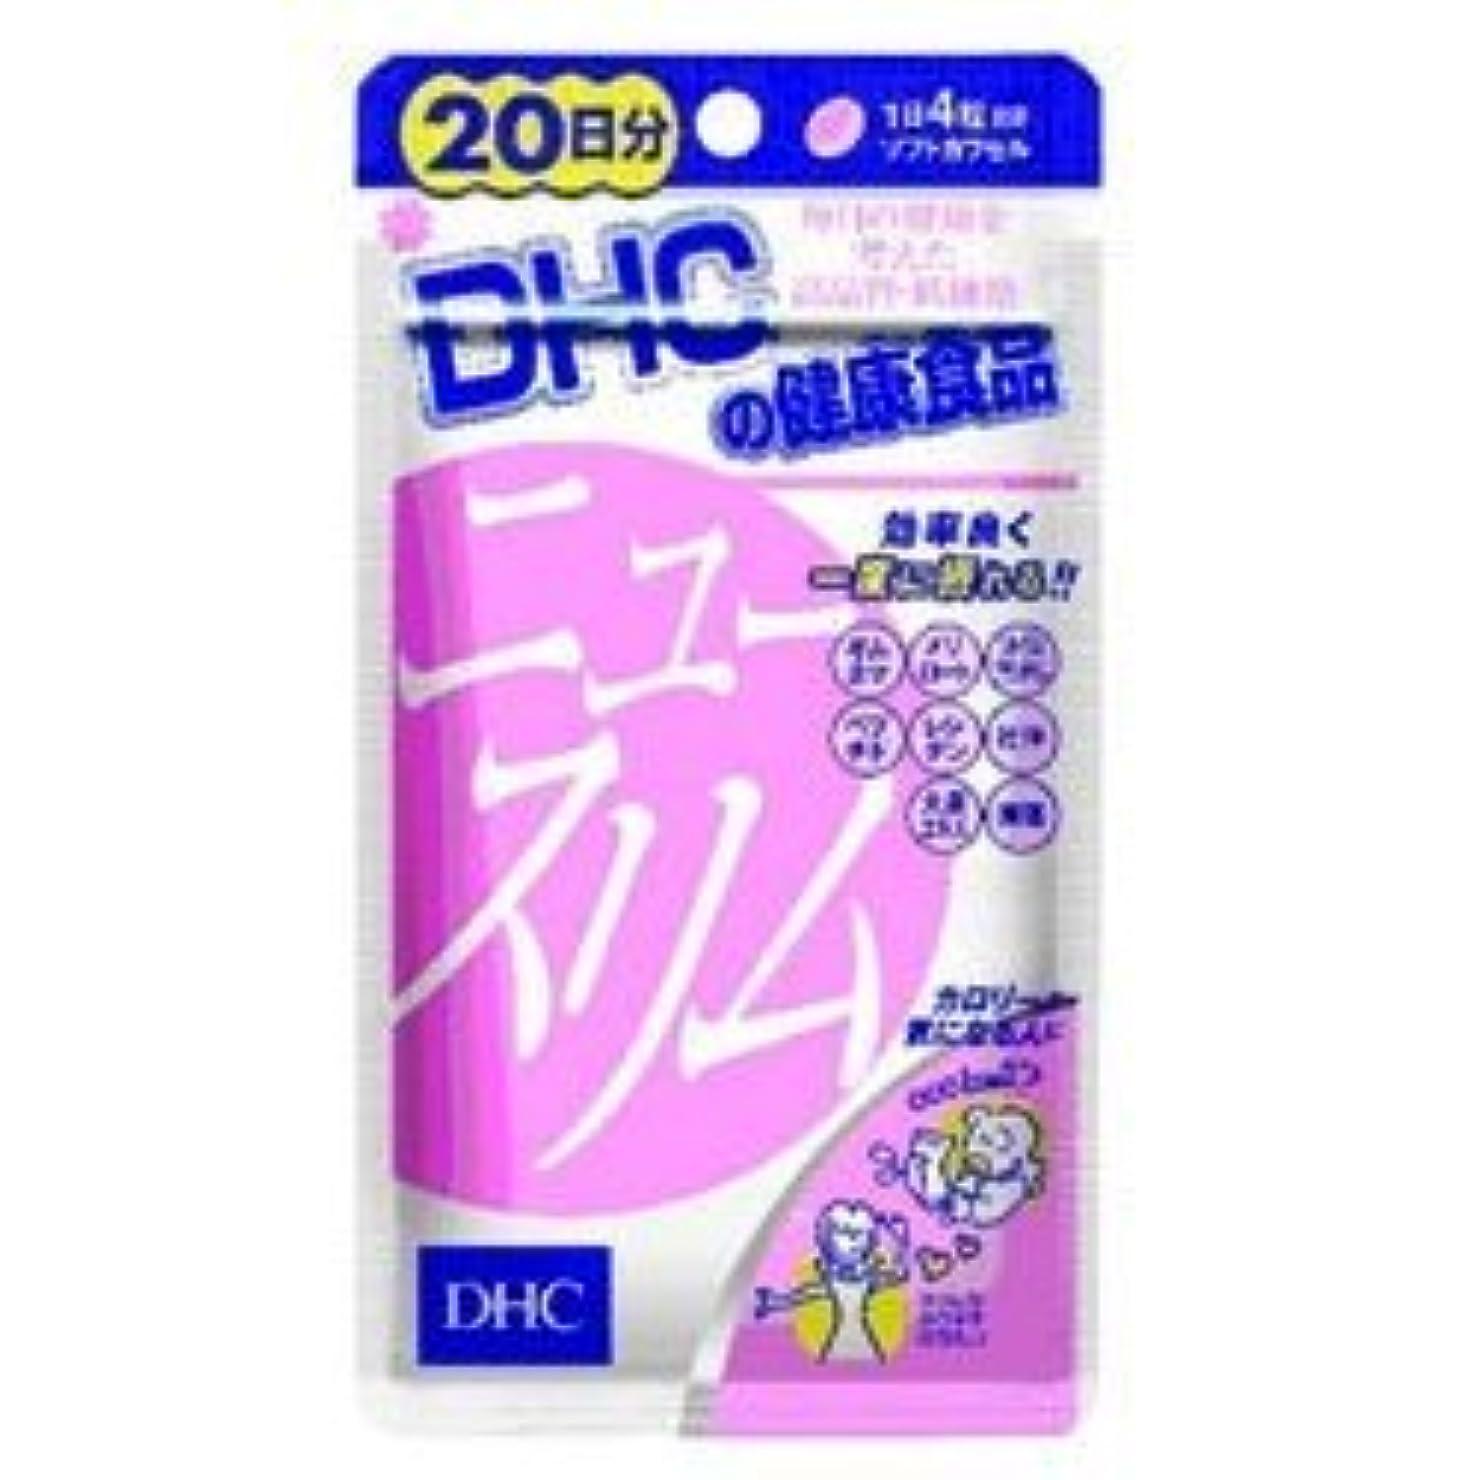 伝導眩惑するパーティー【DHC】ニュースリム 20日分 ×20個セット